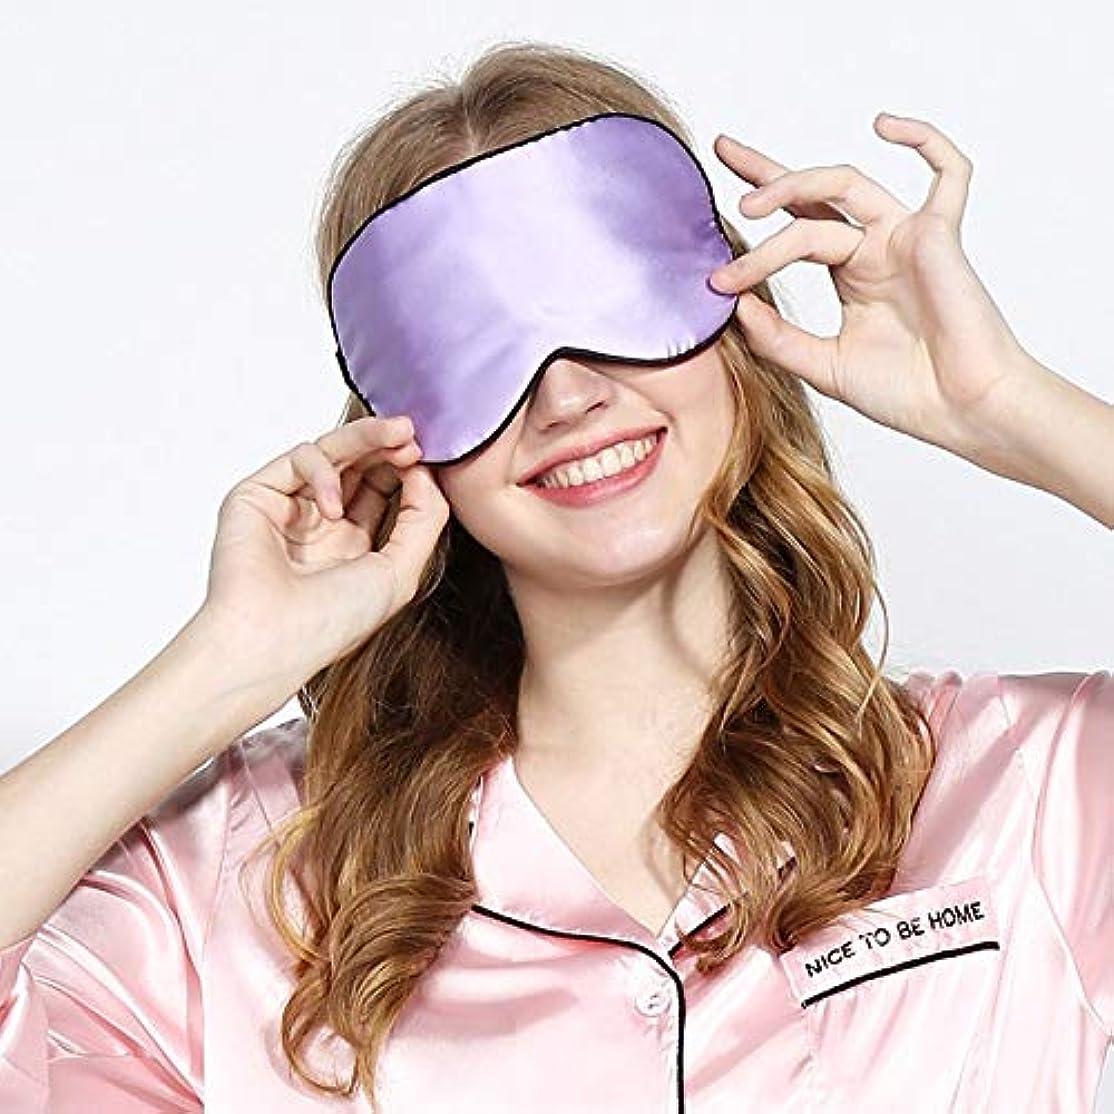 純正植生霧メモファッション睡眠マスクストラップナチュラルシルクスーパースムース睡眠アイシェード睡眠アクセサリーアイマスク用アイケアツールHB88